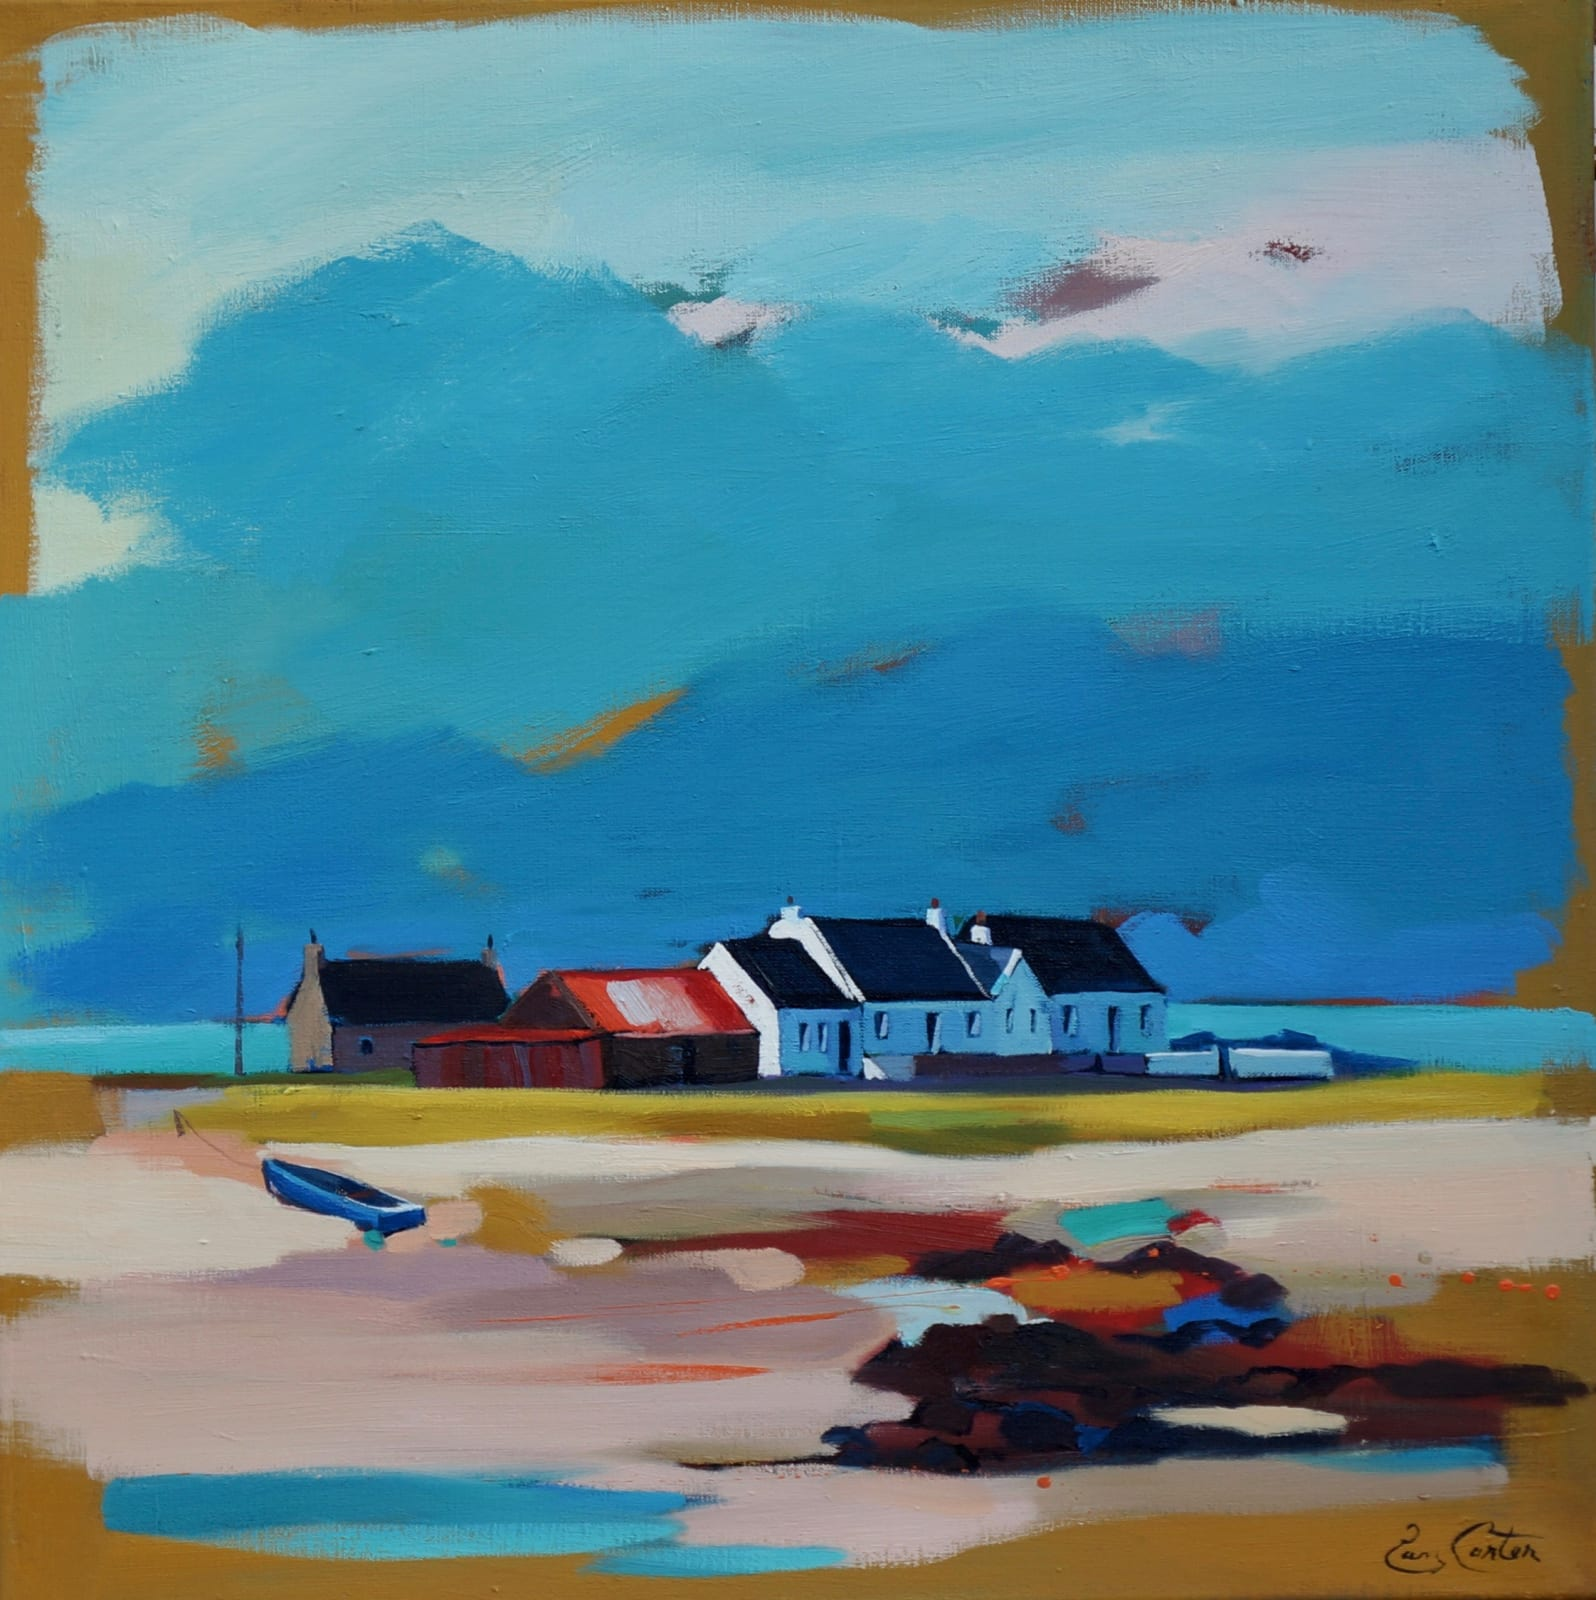 Pam Carter, Beach Cluster, 2021